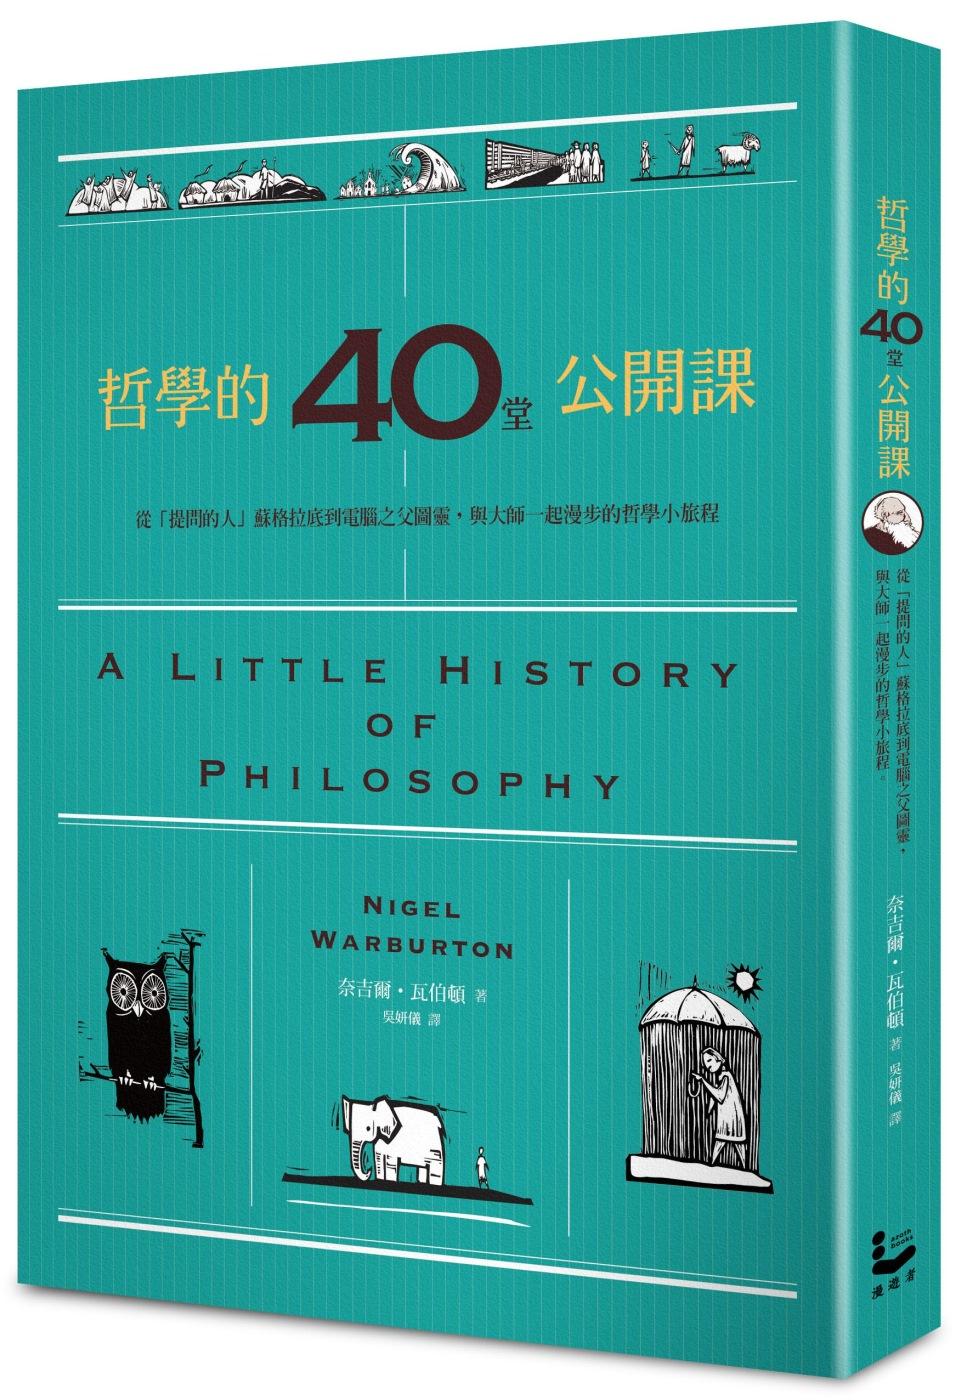 哲學的40堂公開課:從提問的人蘇格拉底到電腦之父圖靈- 與大師一起漫步的哲學小旅程